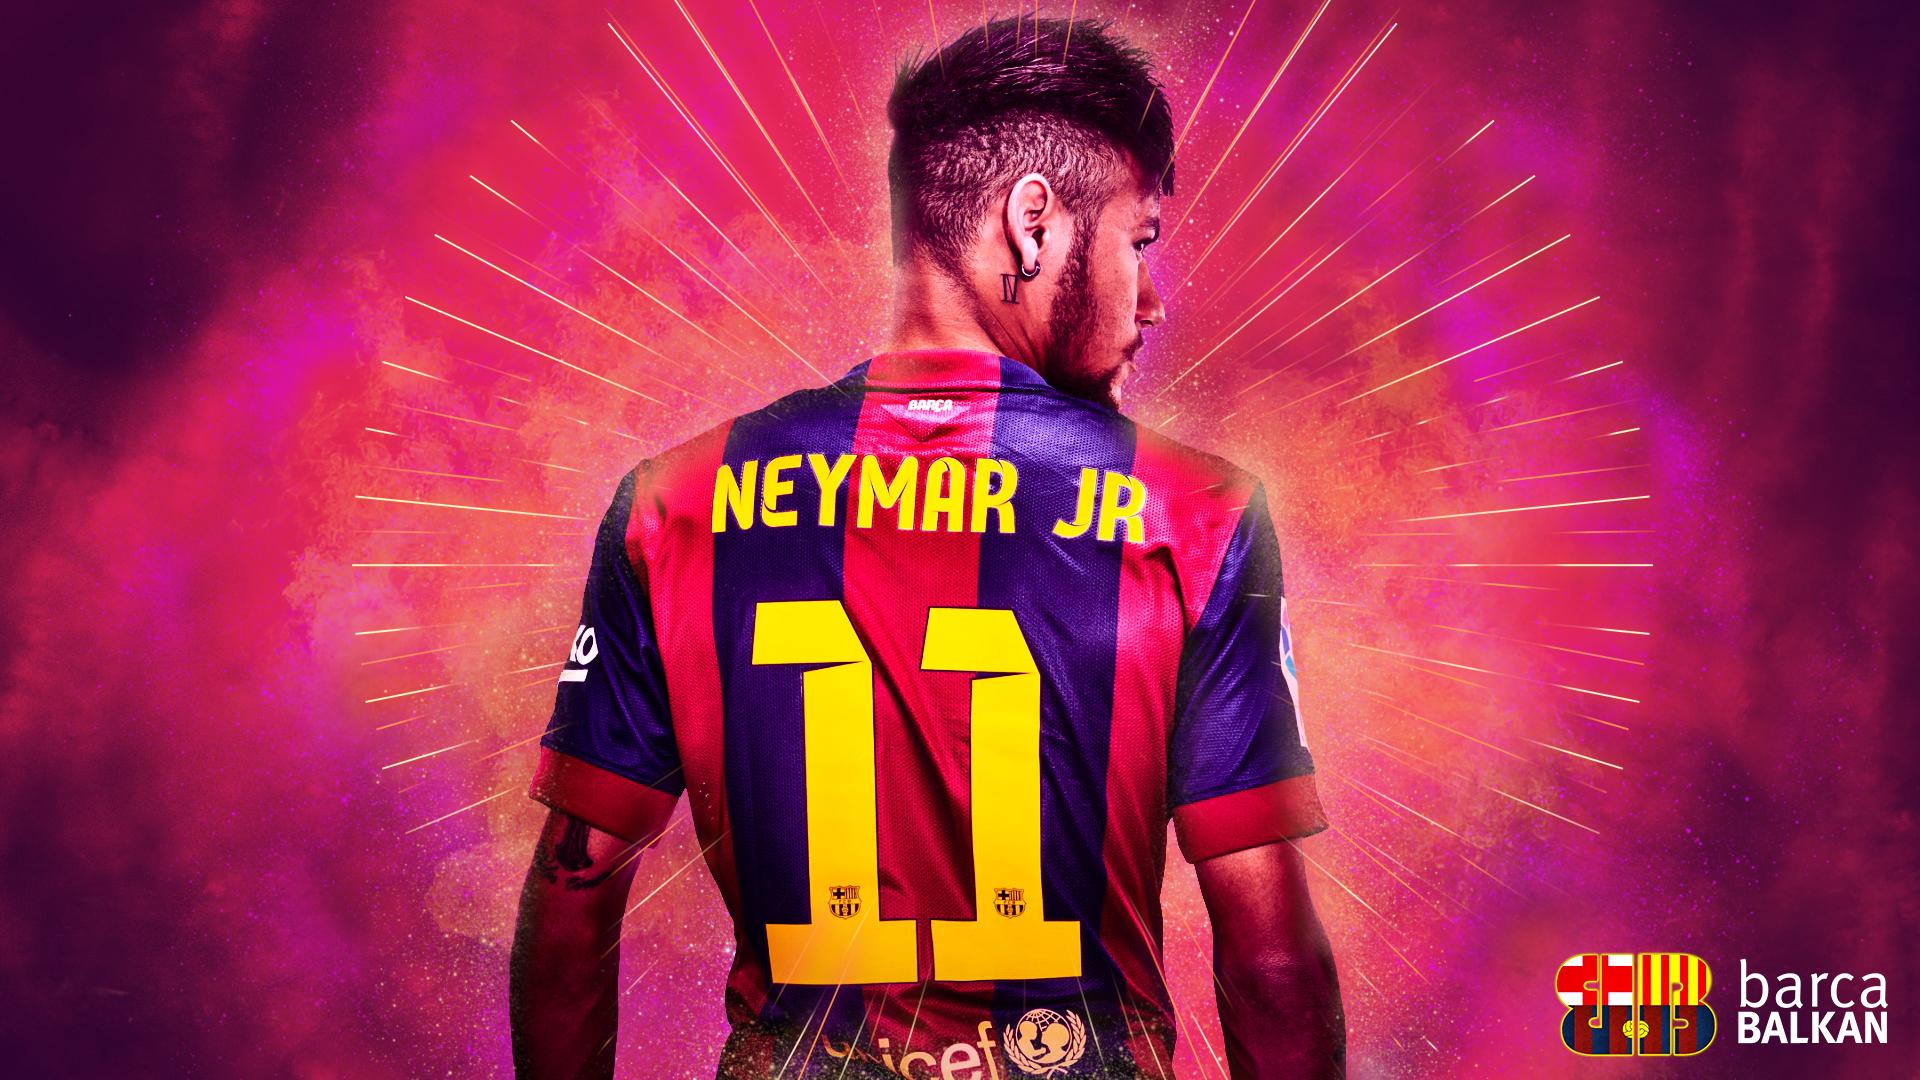 Neymar Full HD Wallpaper 1920x1080